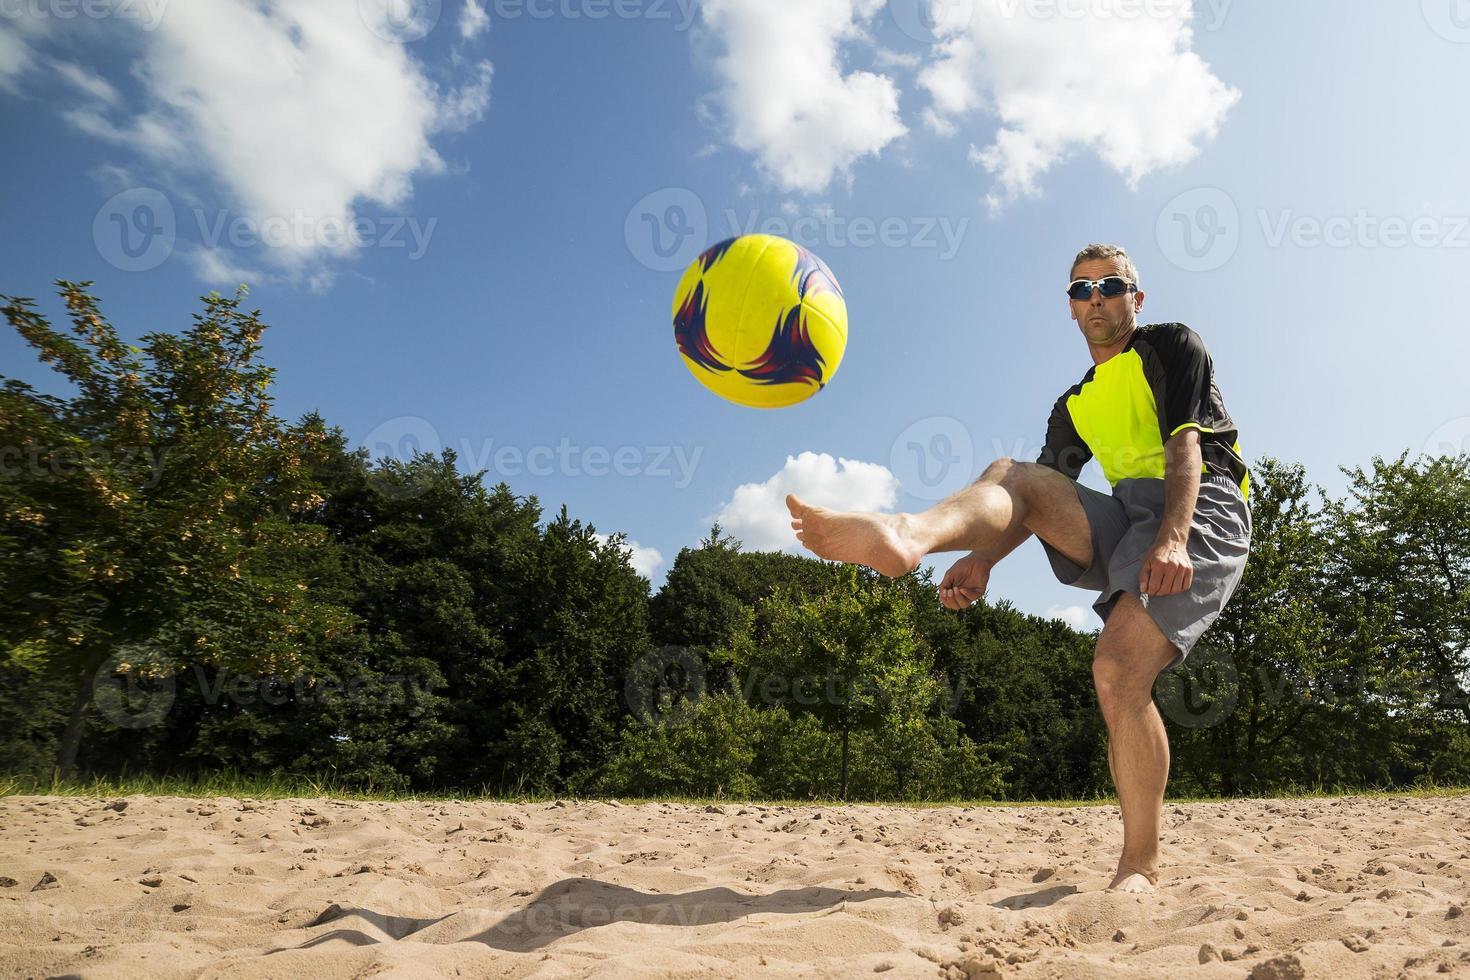 Beach-Soccer-Spieler in einem Kick foto